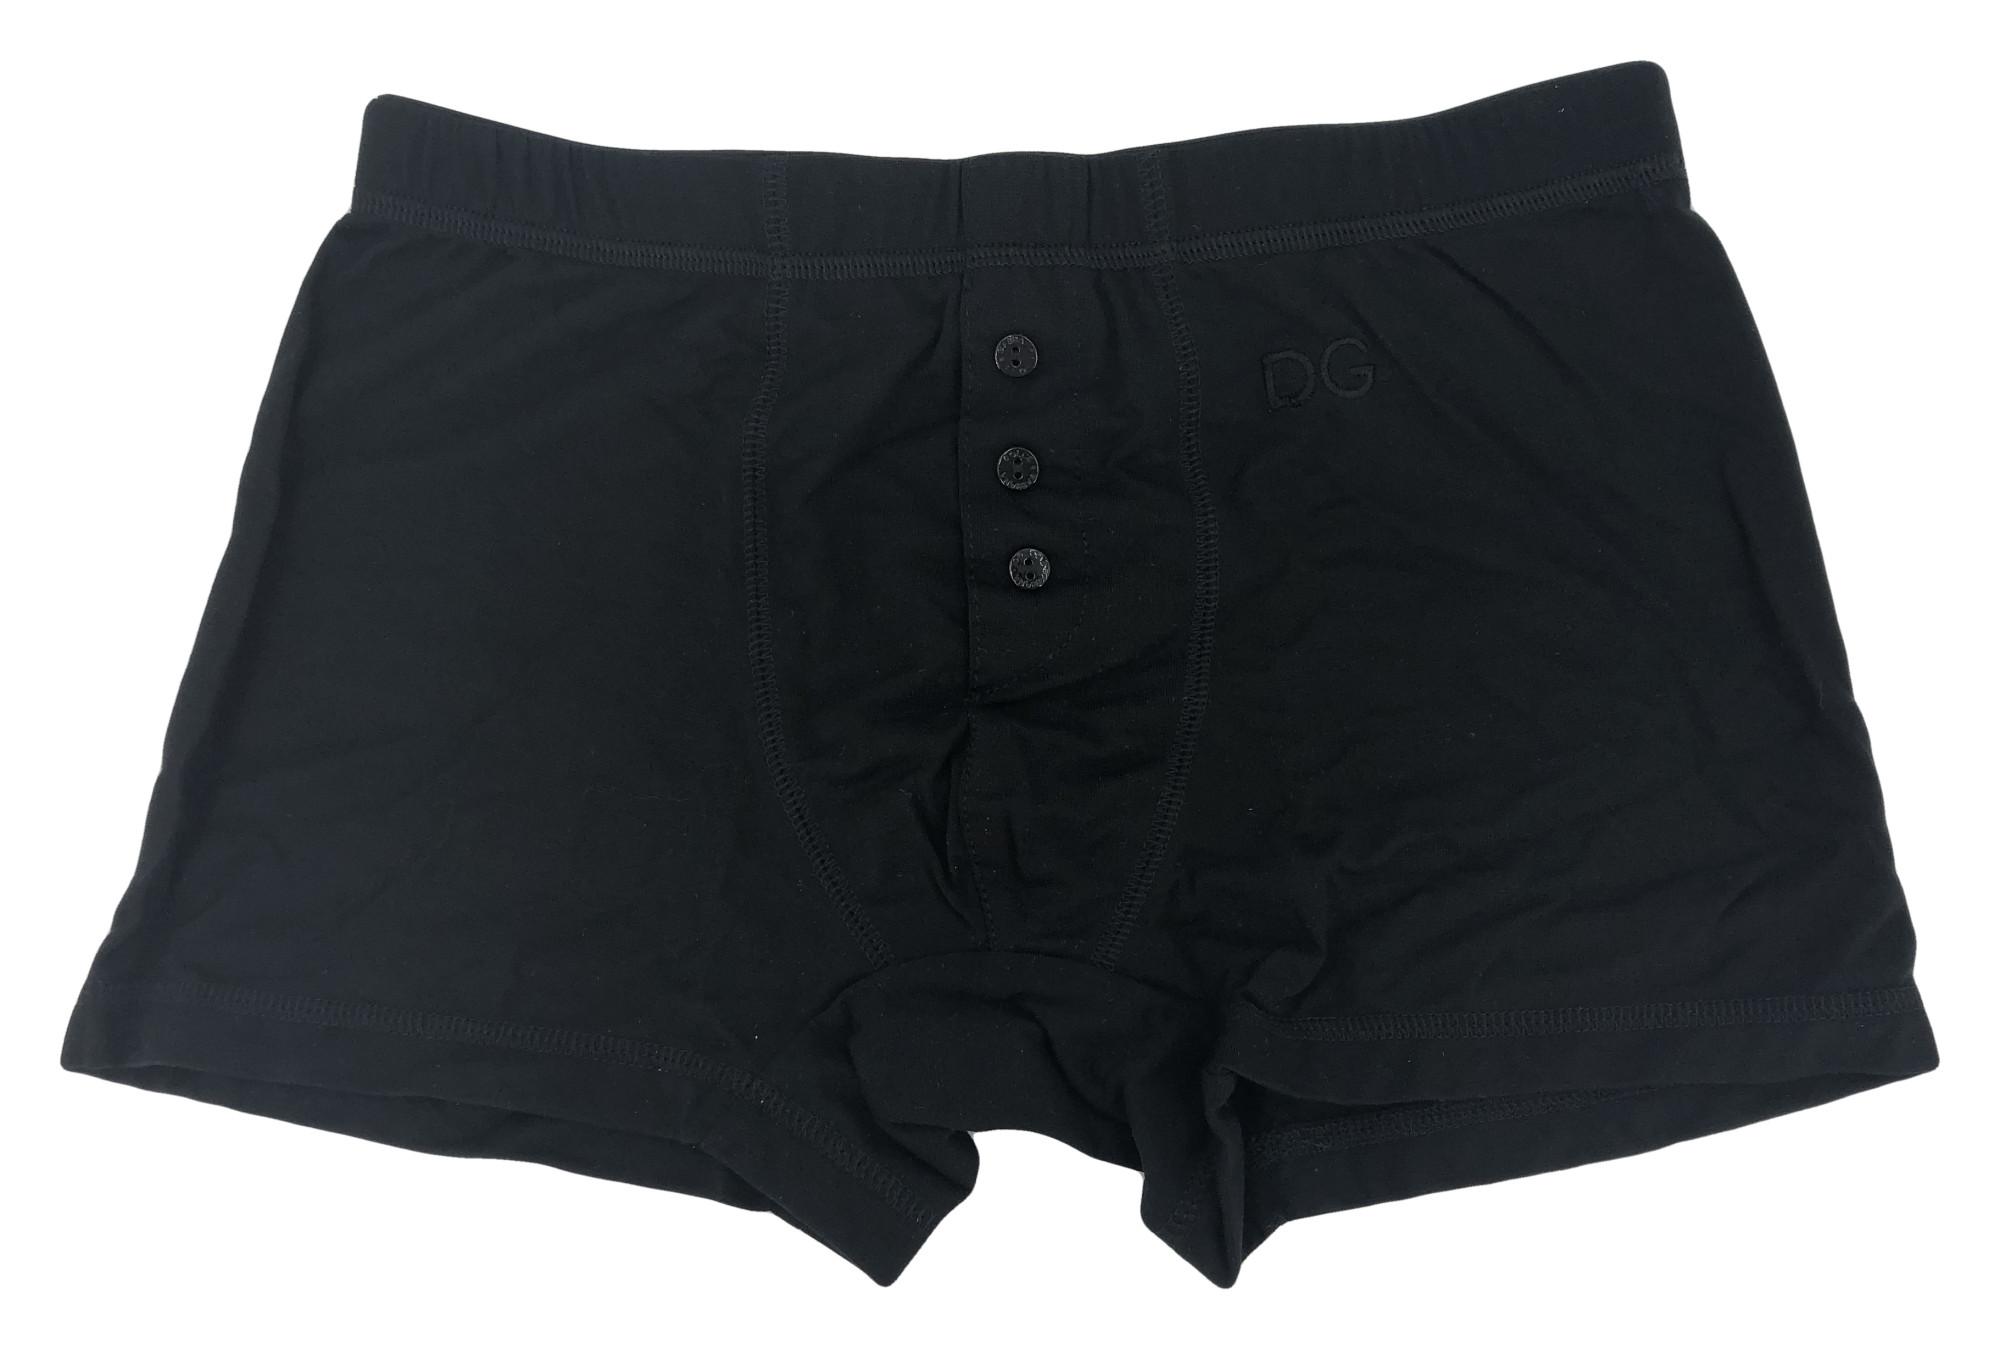 Pánské boxerky M10614 černá - Dolce & Gabbana - Černá/S